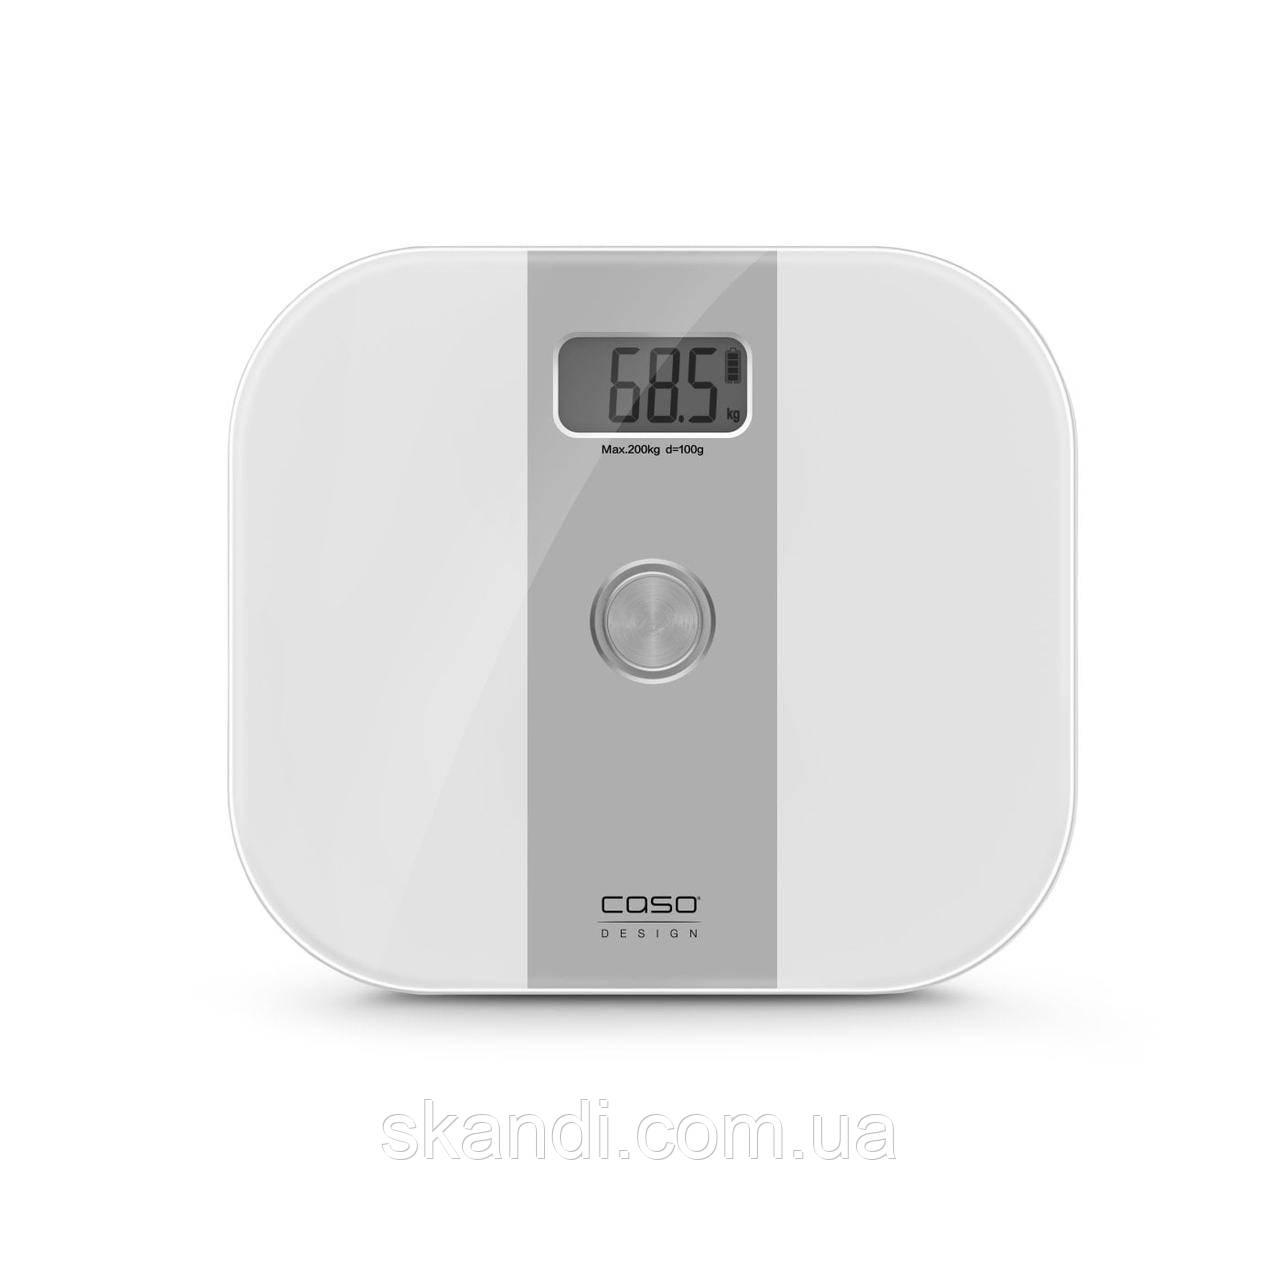 Весы напольные Caso(Оригинал) Германия Body Energy